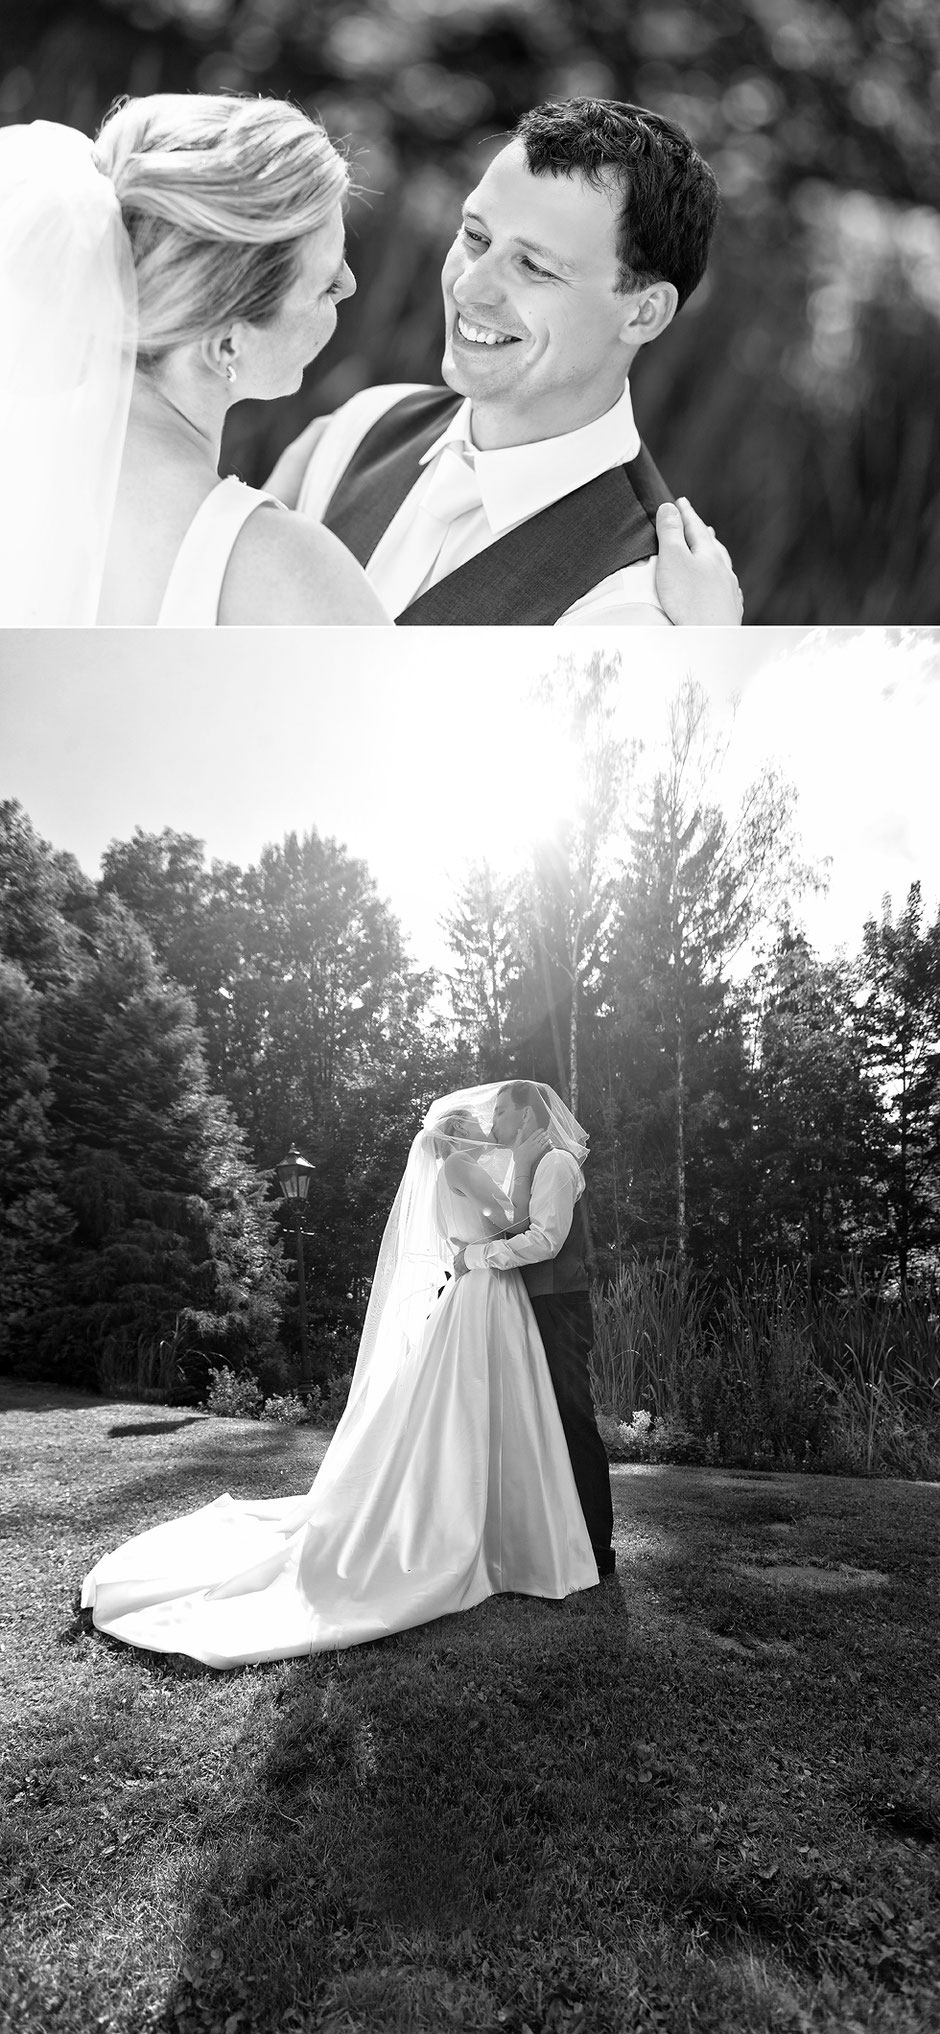 waldidyll hartenstein hochzeit, Hochzeit hartenstein, hochzeitsfotograf, waldidyll hartenstein hochzeitsfotos